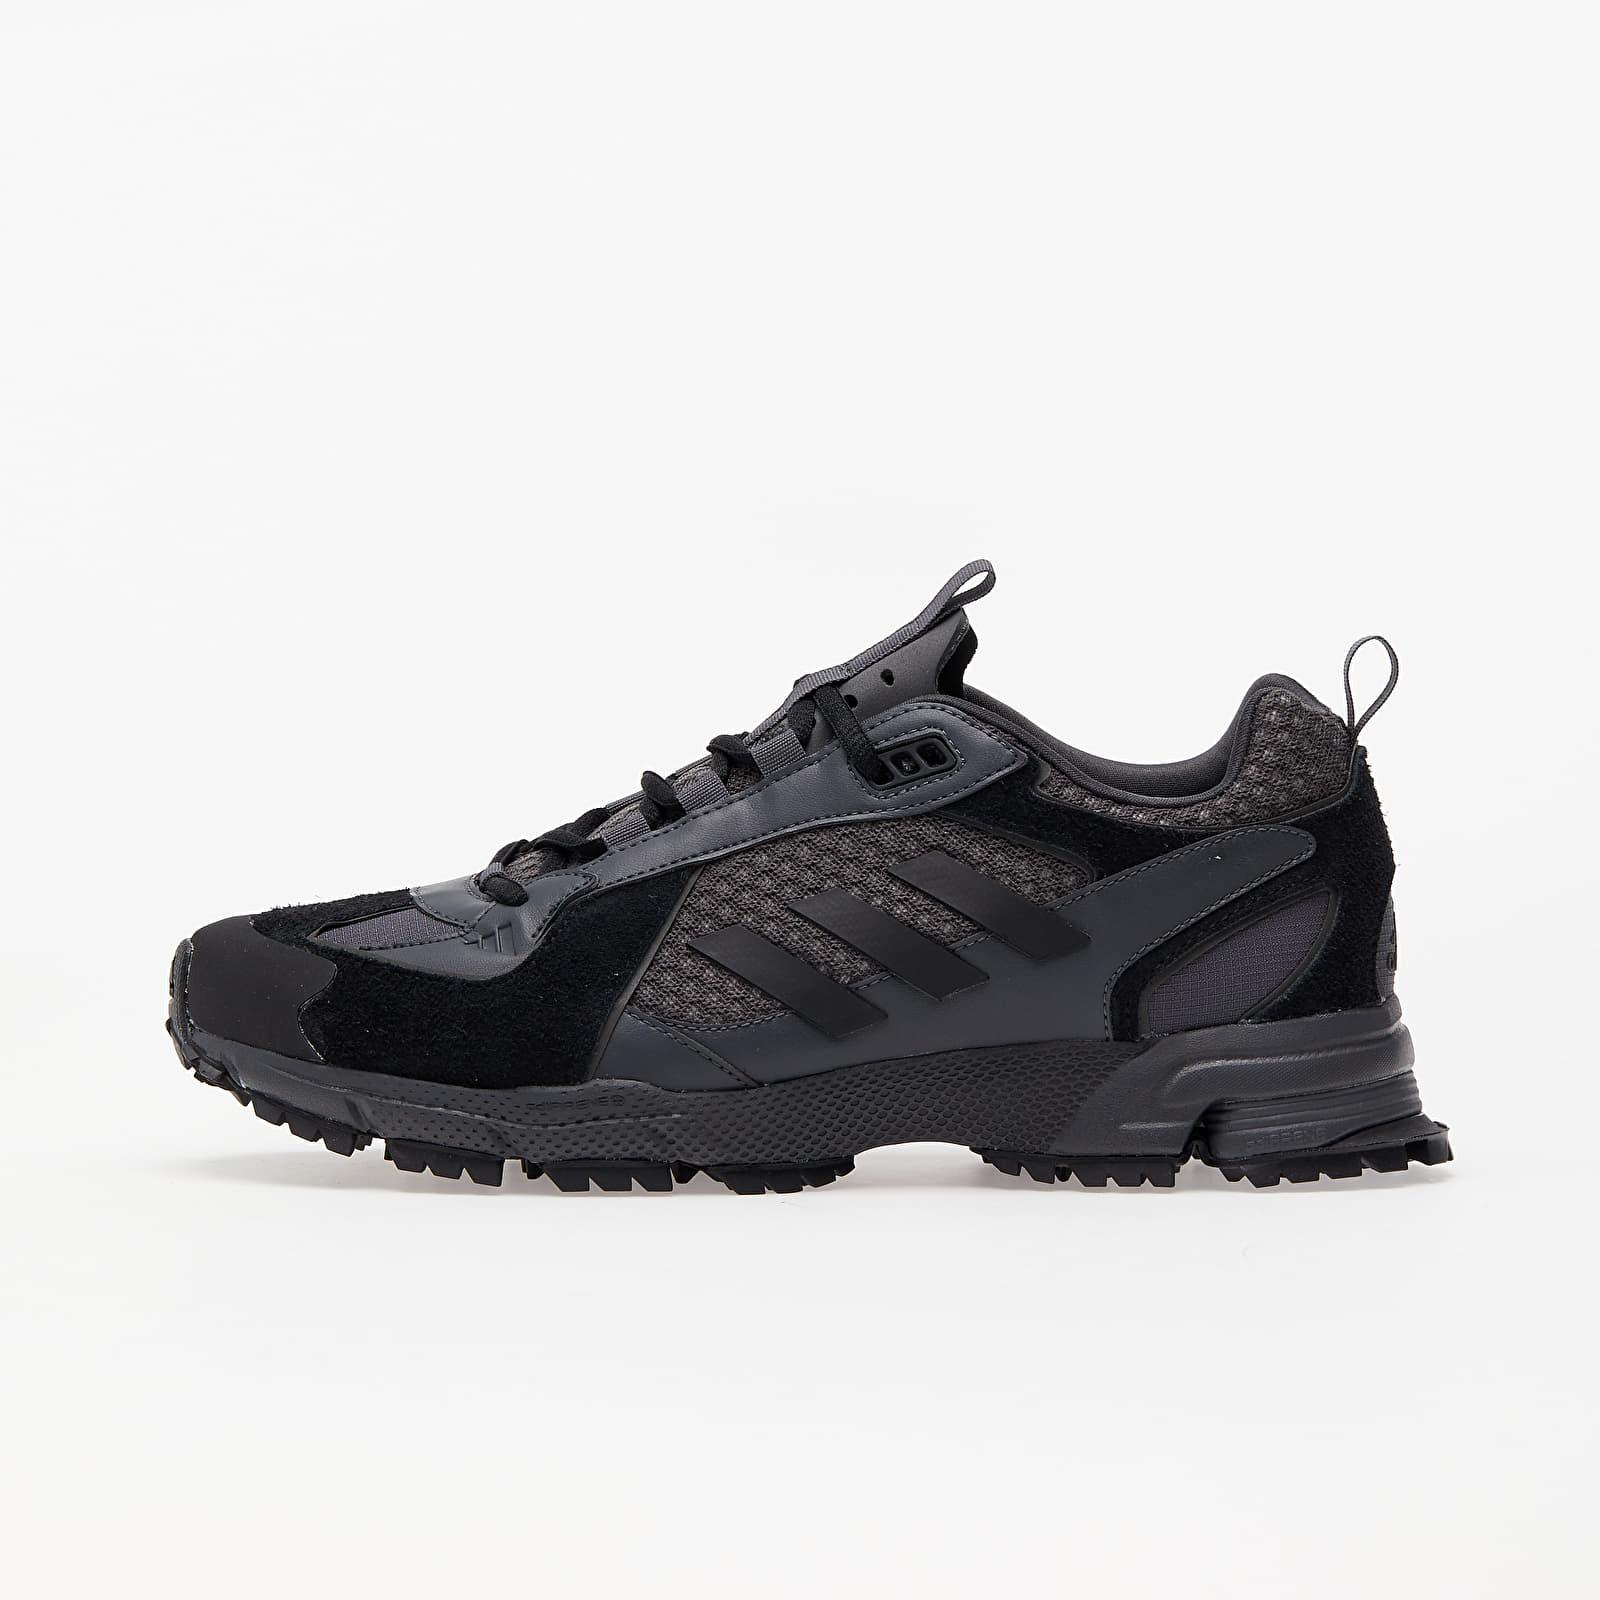 Încălțăminte și sneakerși pentru bărbați adidas x GR-Uniforma BW18 Black